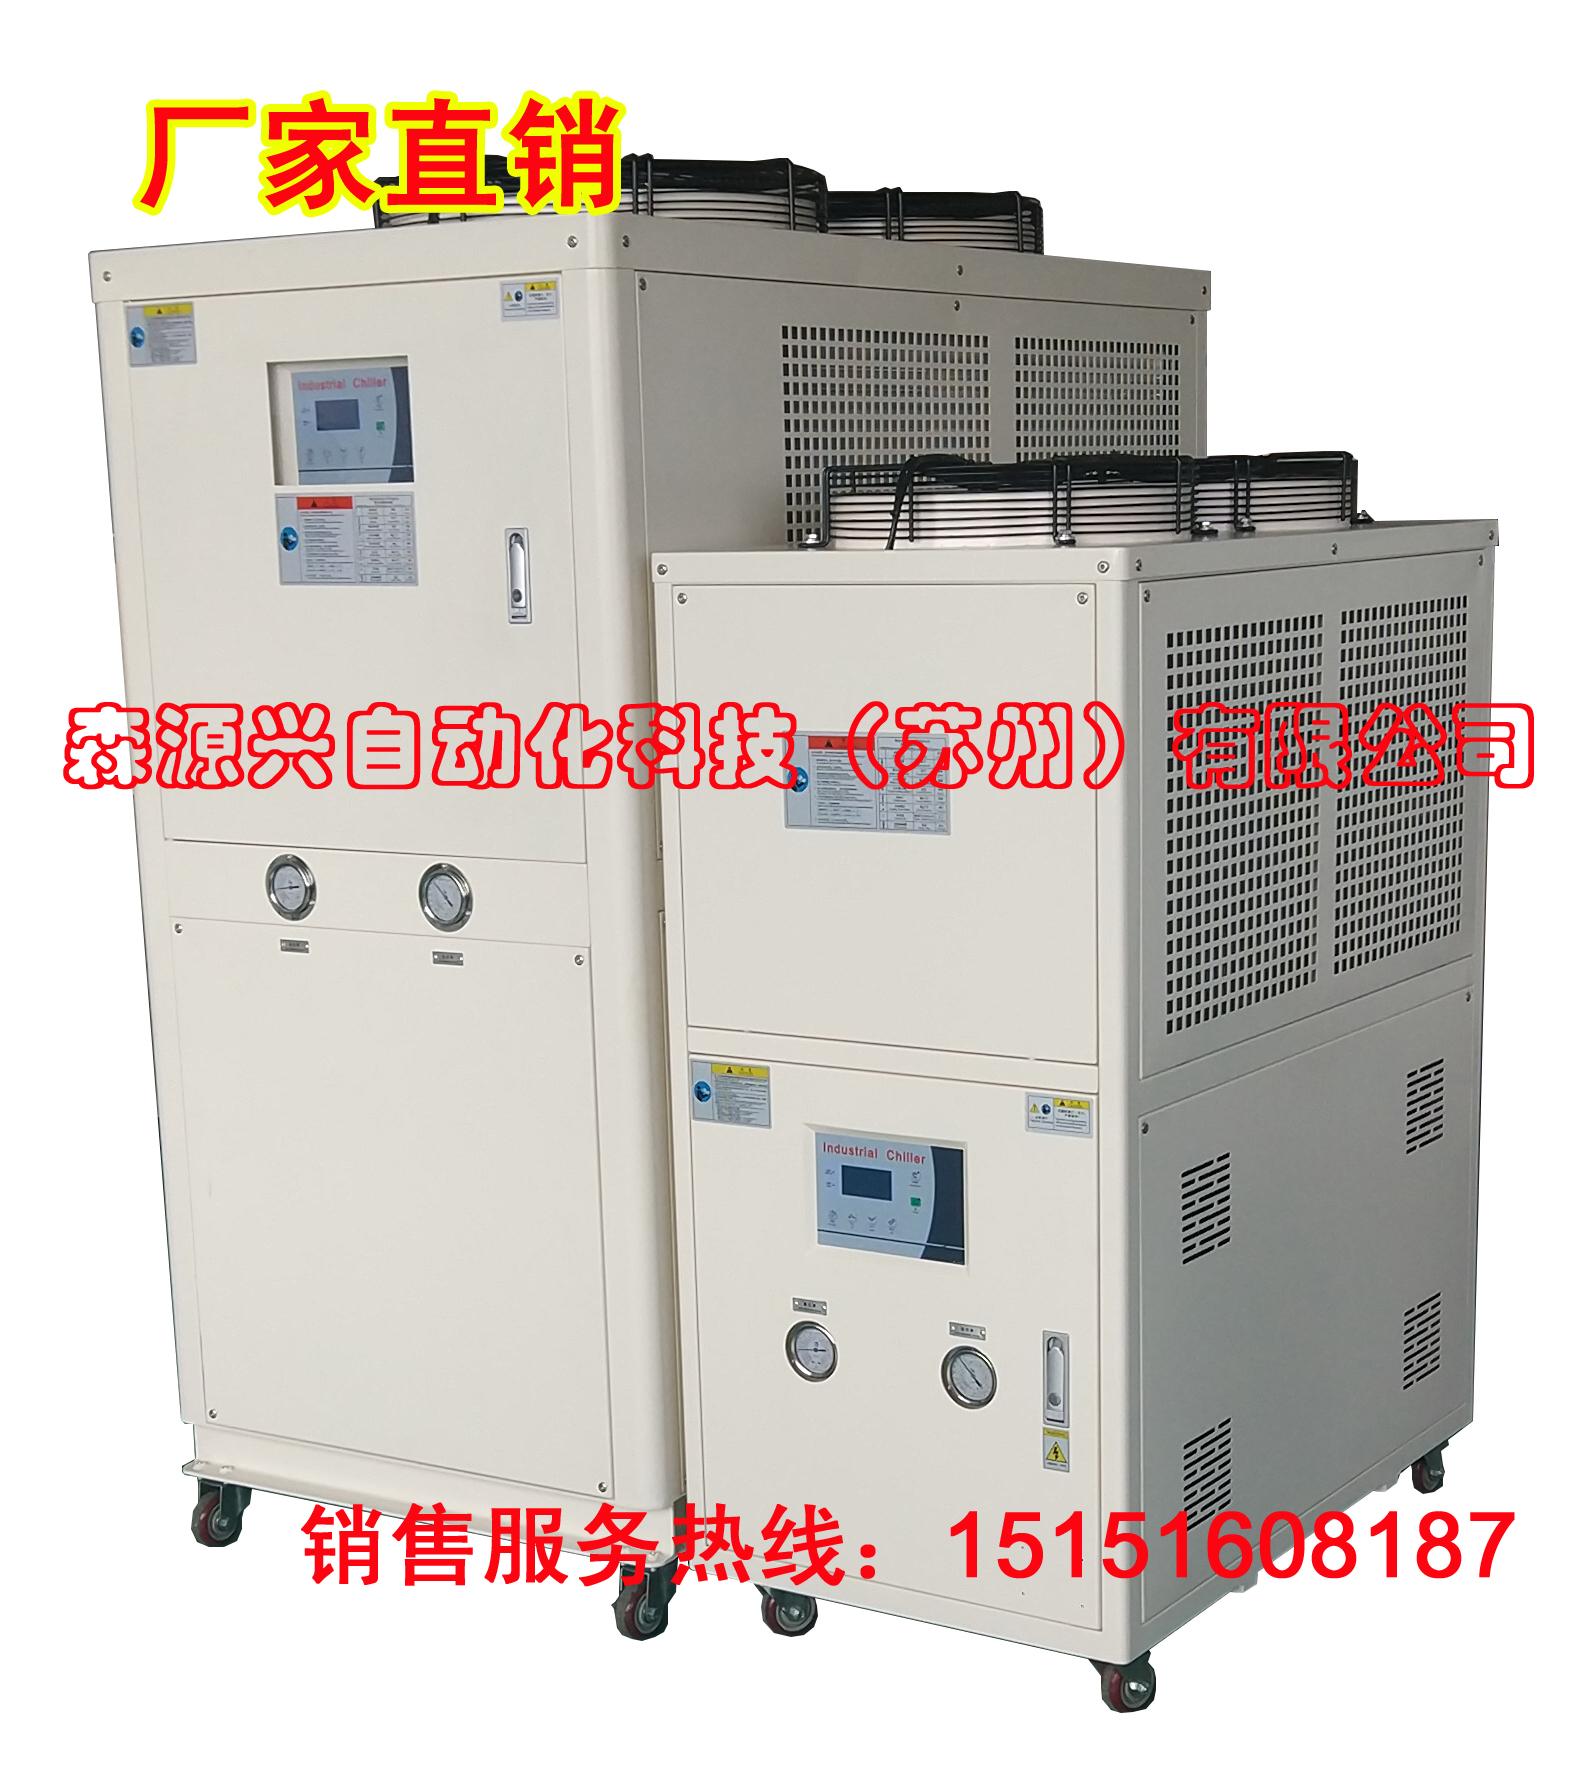 上海冷水机 上海冷水机,厂家直销